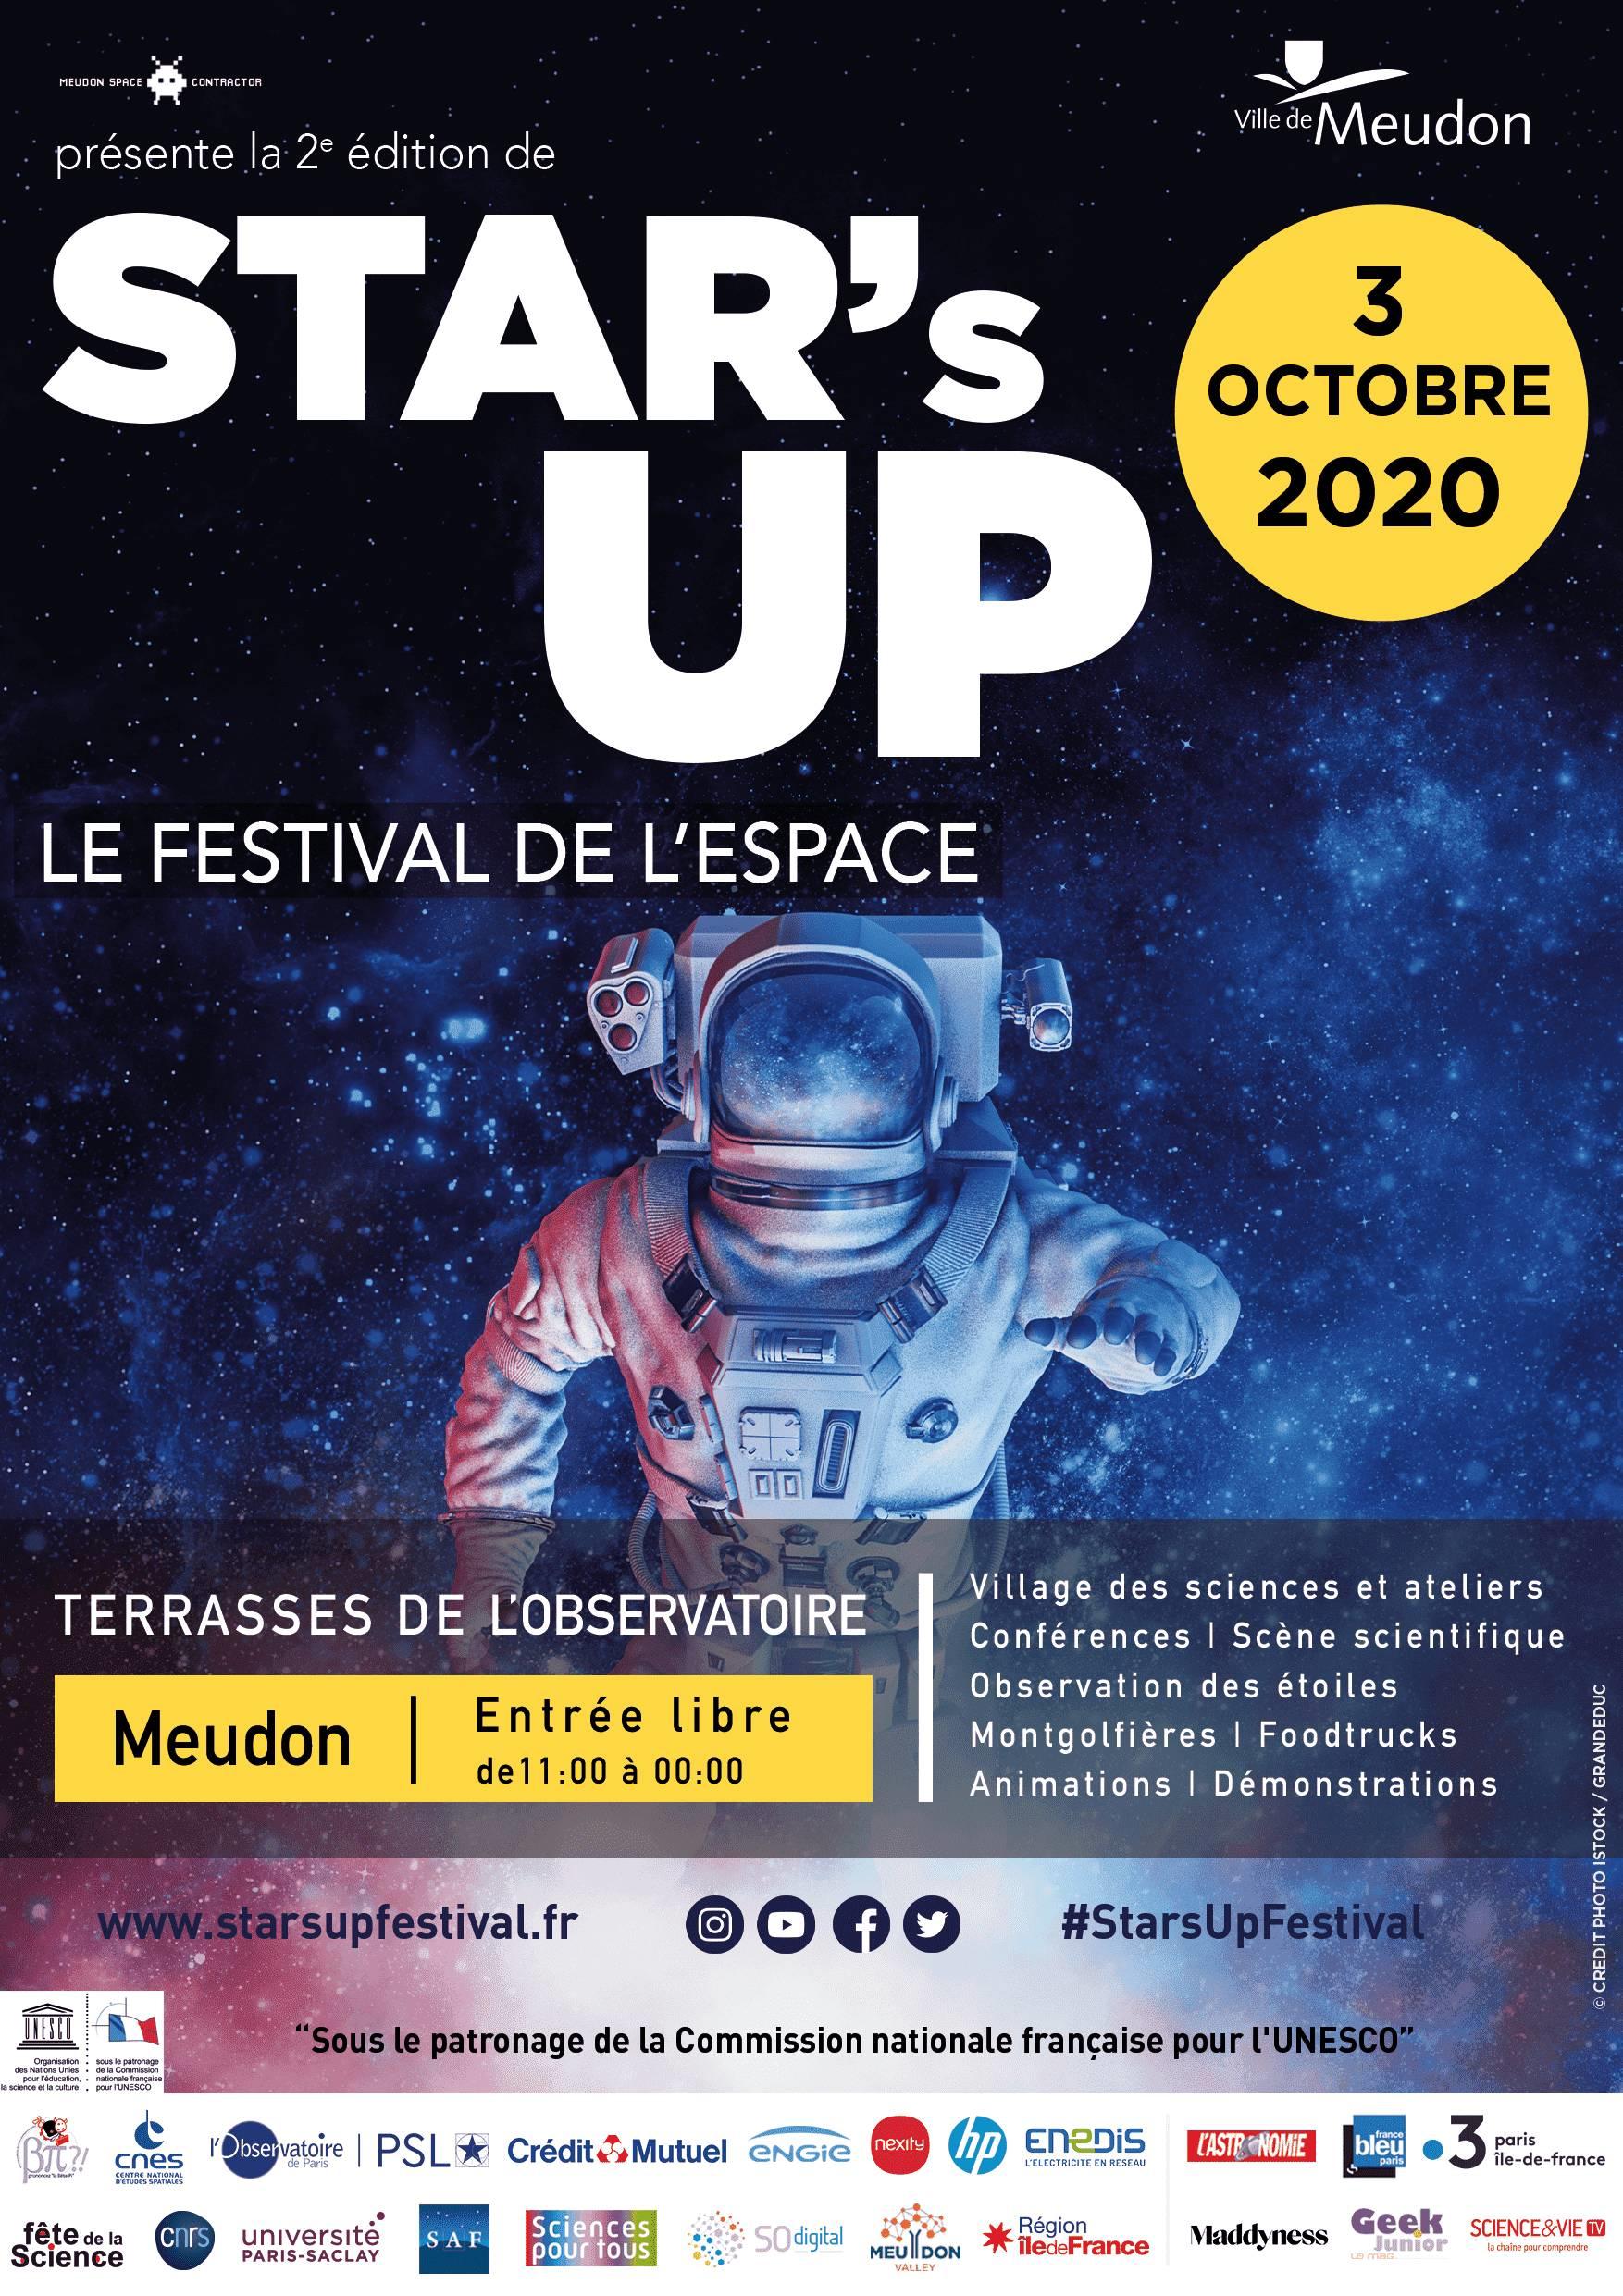 STAR'S UP 2020: le Festival de l'espace, de la science et de l'innovation le 3 octobre 2020